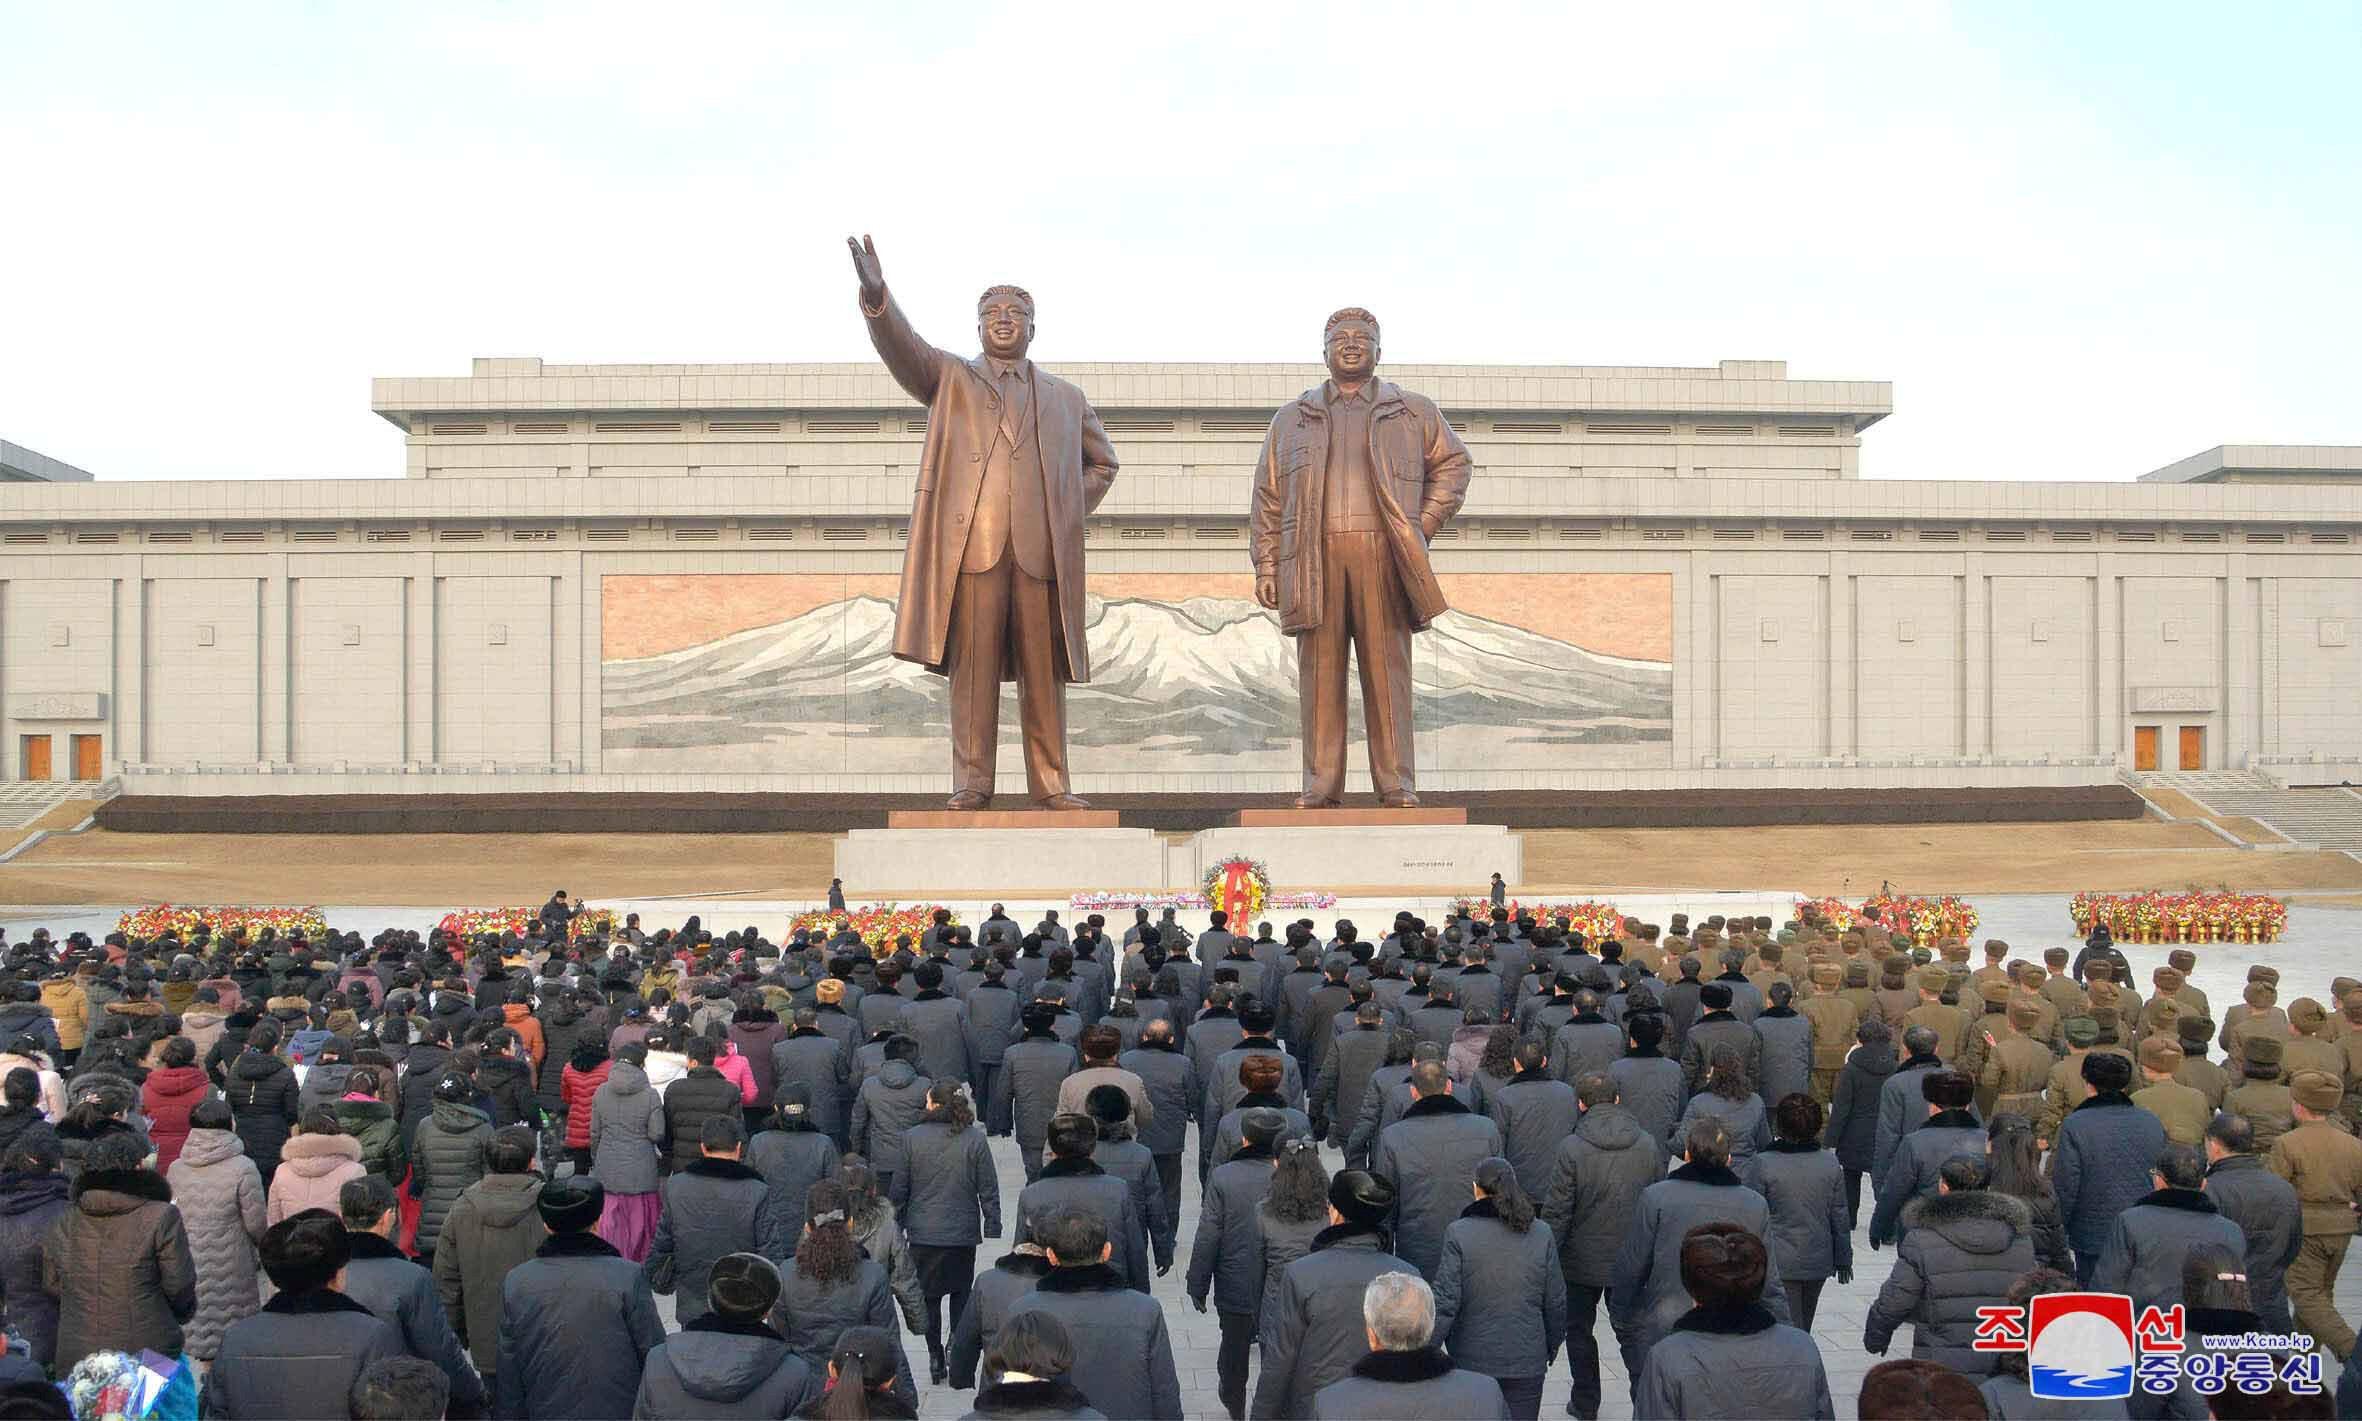 Lễ kỷ niệm 71 năm ngày thành lập quân đội Bắc Triều Tiên, tại Bình Nhưỡng. Ảnh do KCNA công bố ngày 08/02/2019